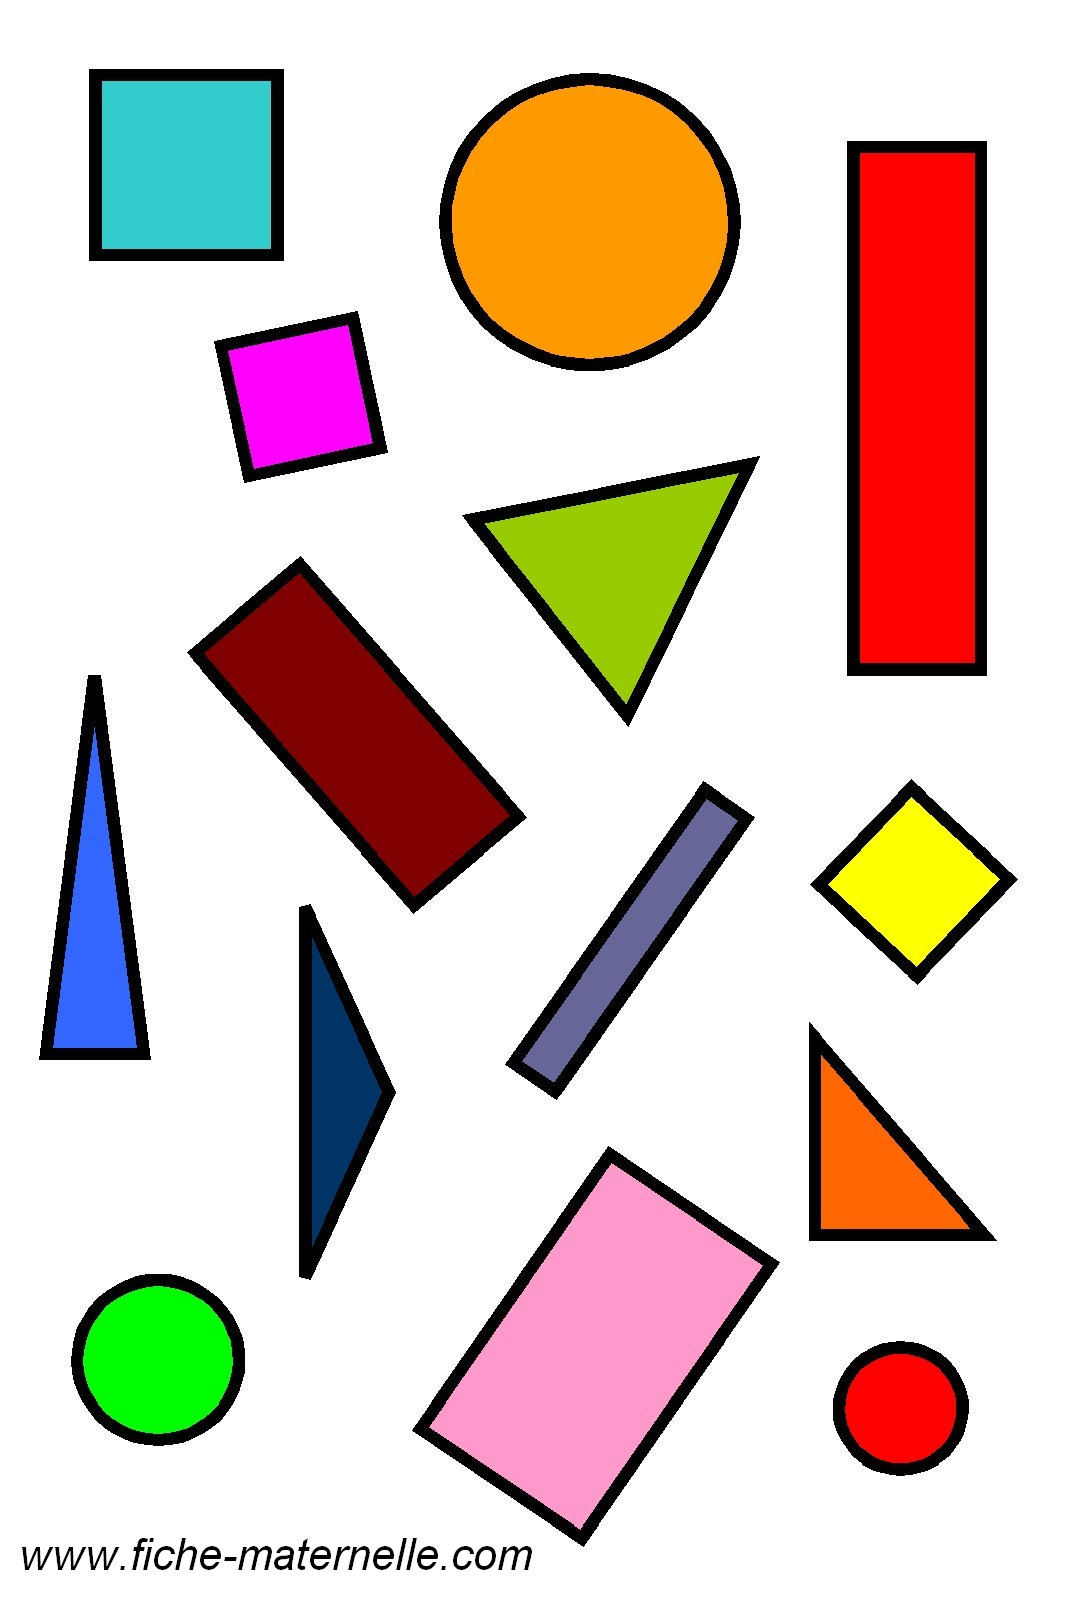 Géométrie En Maternelle : Les Figures Géométriques dedans Formes À Découper Maternelle